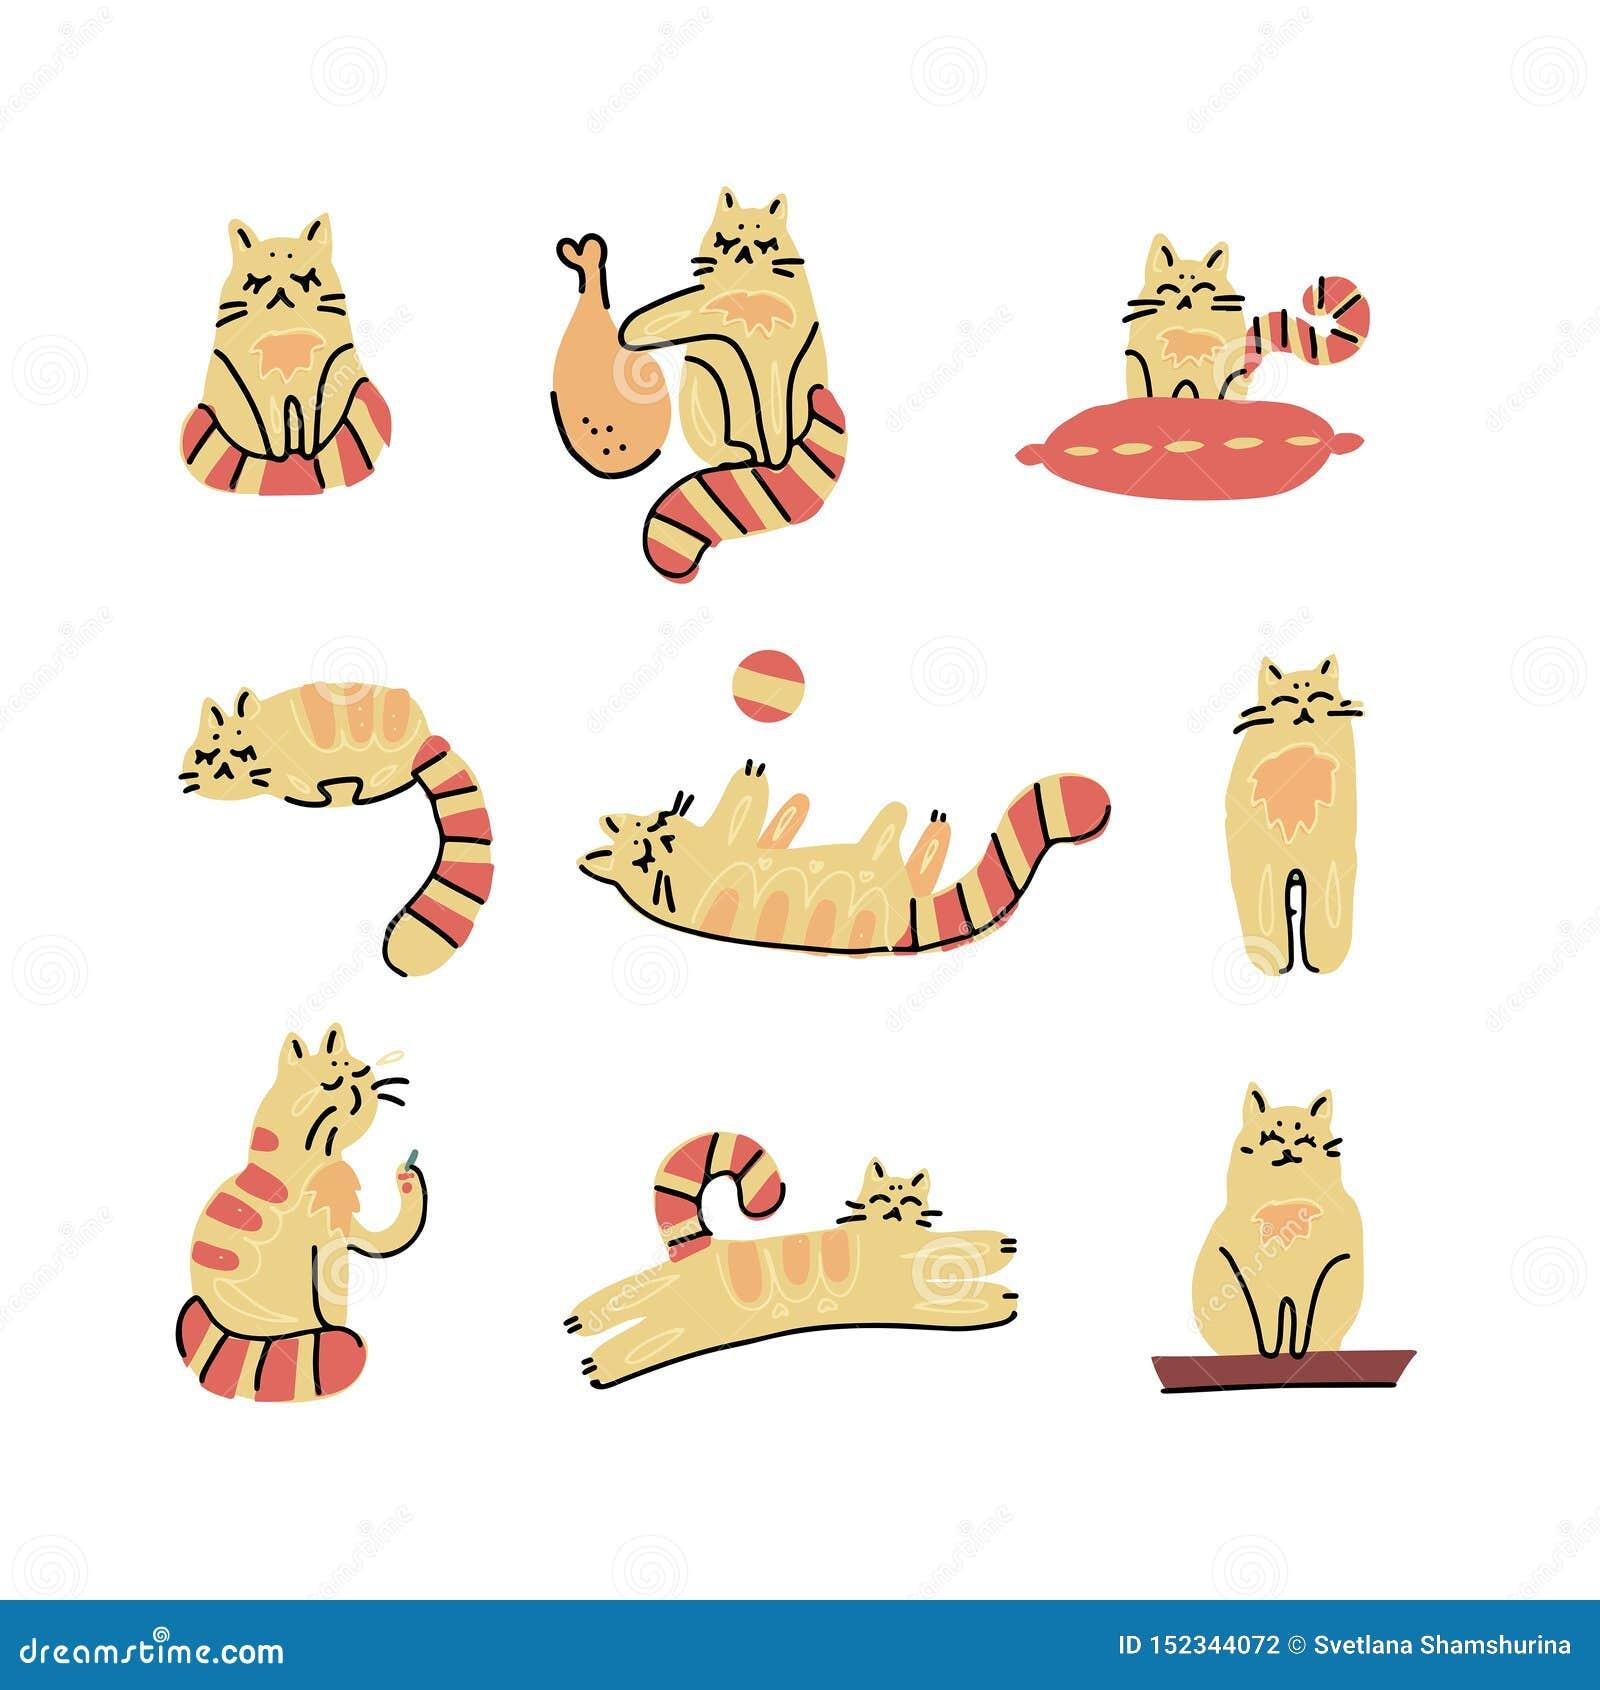 Χαριτωμένο συρμένο χέρι ύφος κινούμενων σχεδίων γατών, για την εκτύπωση, κάρτα, μπλούζα, διανυσματική Σκανδιναβική απεικόνιση εμβ